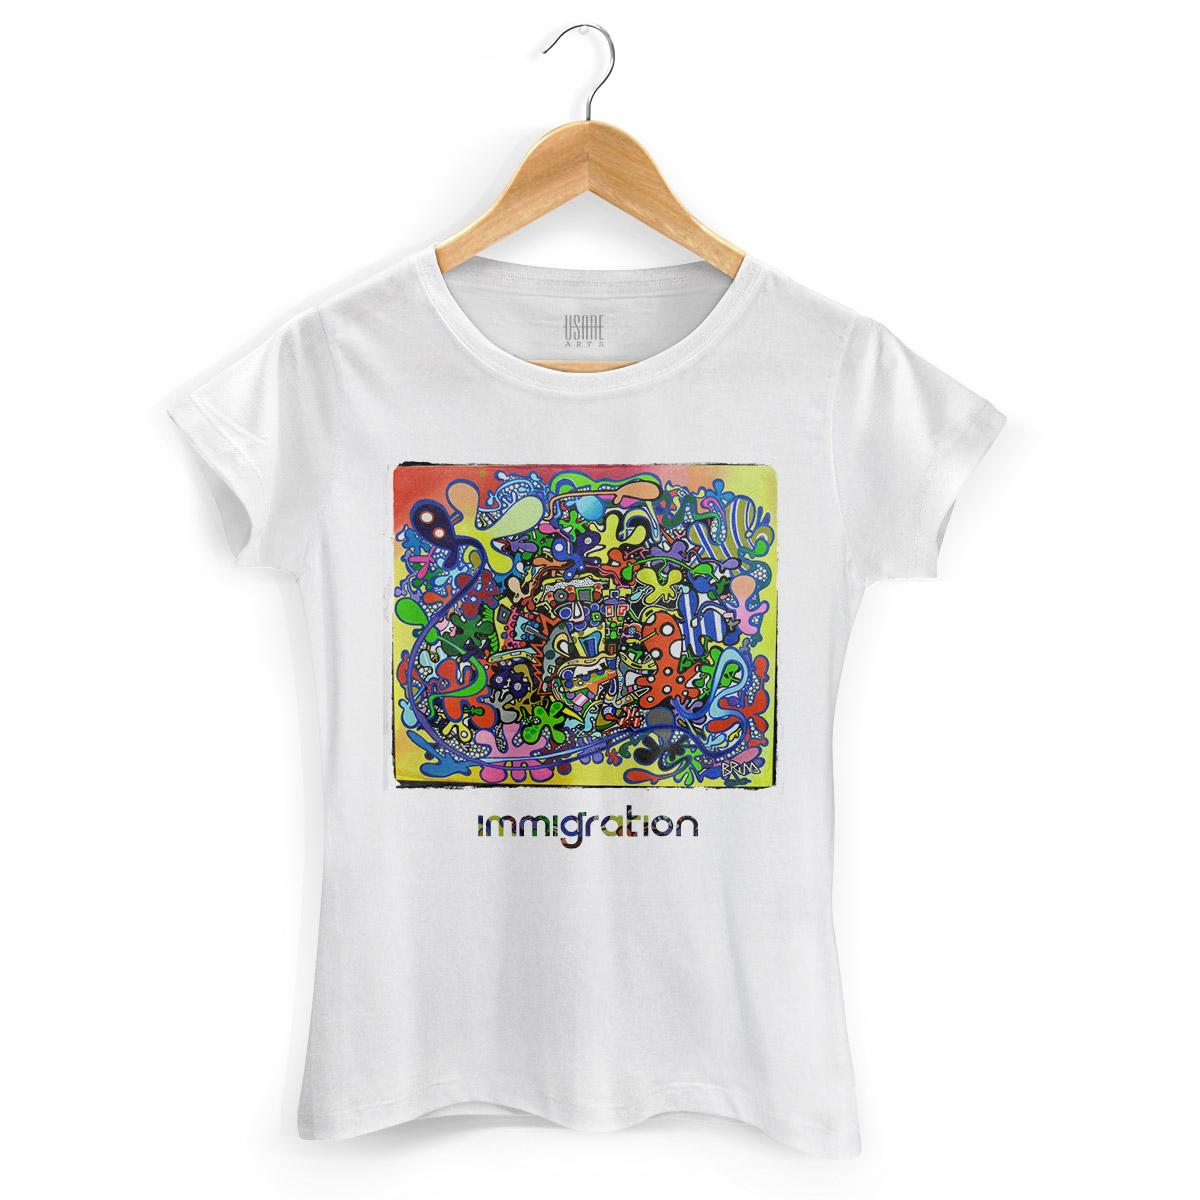 Camiseta Feminina Bruna Immigration